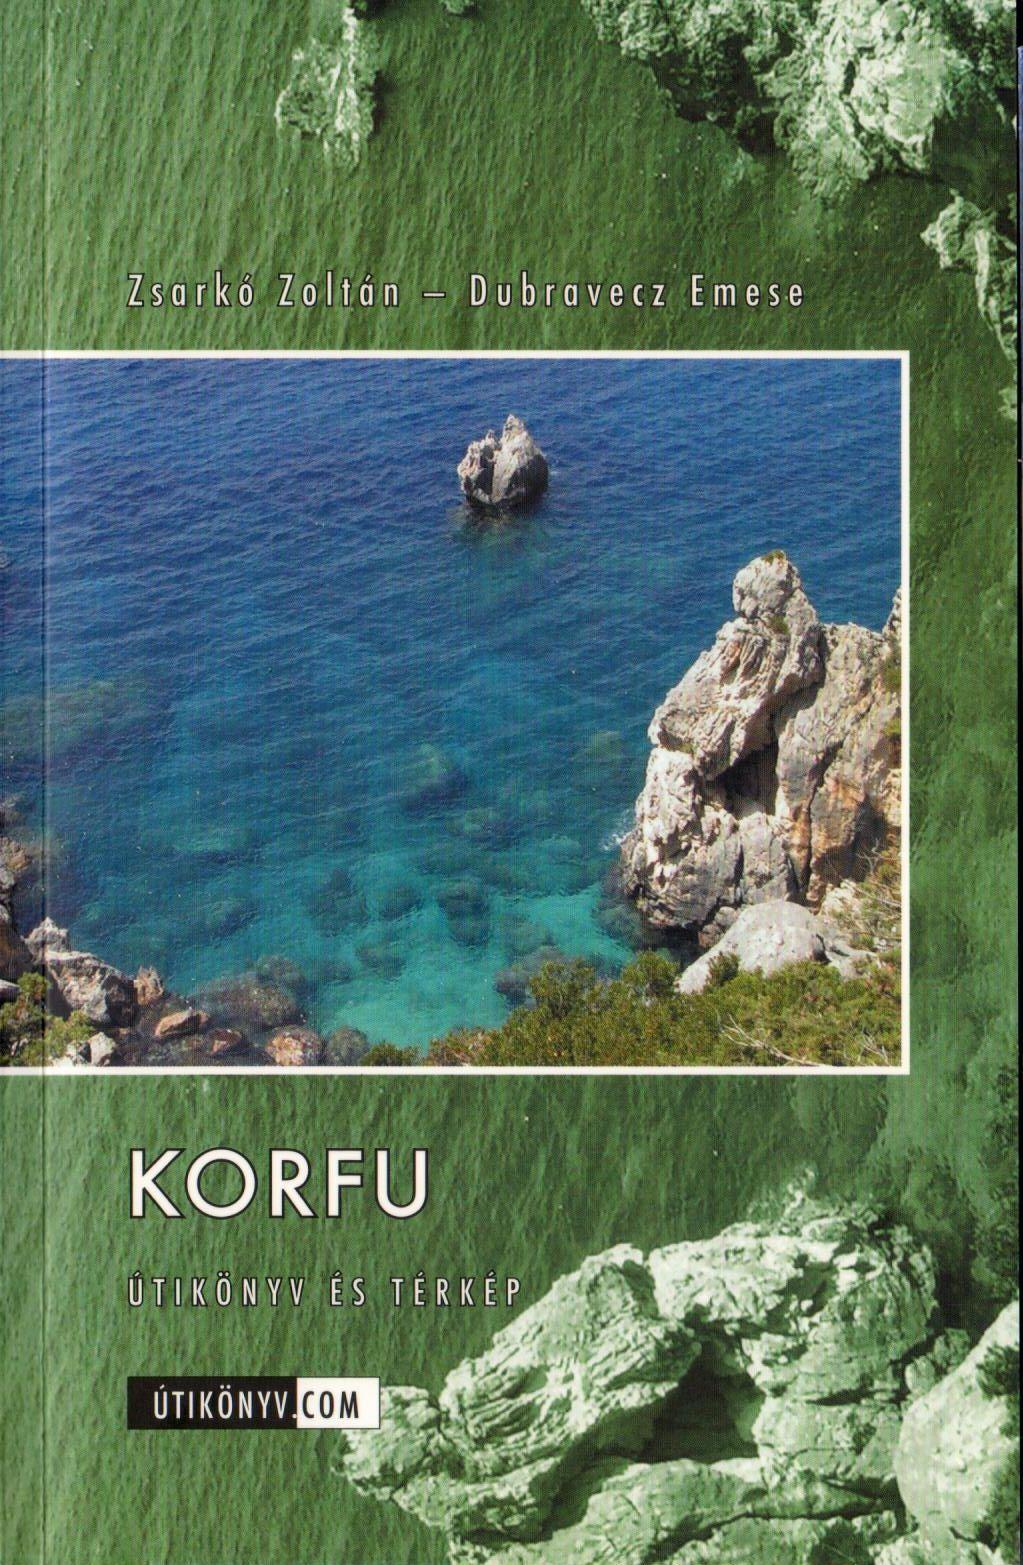 Korfu útikönyv kivehető vízhatlan, eltéphetetlen térkép melléklettel